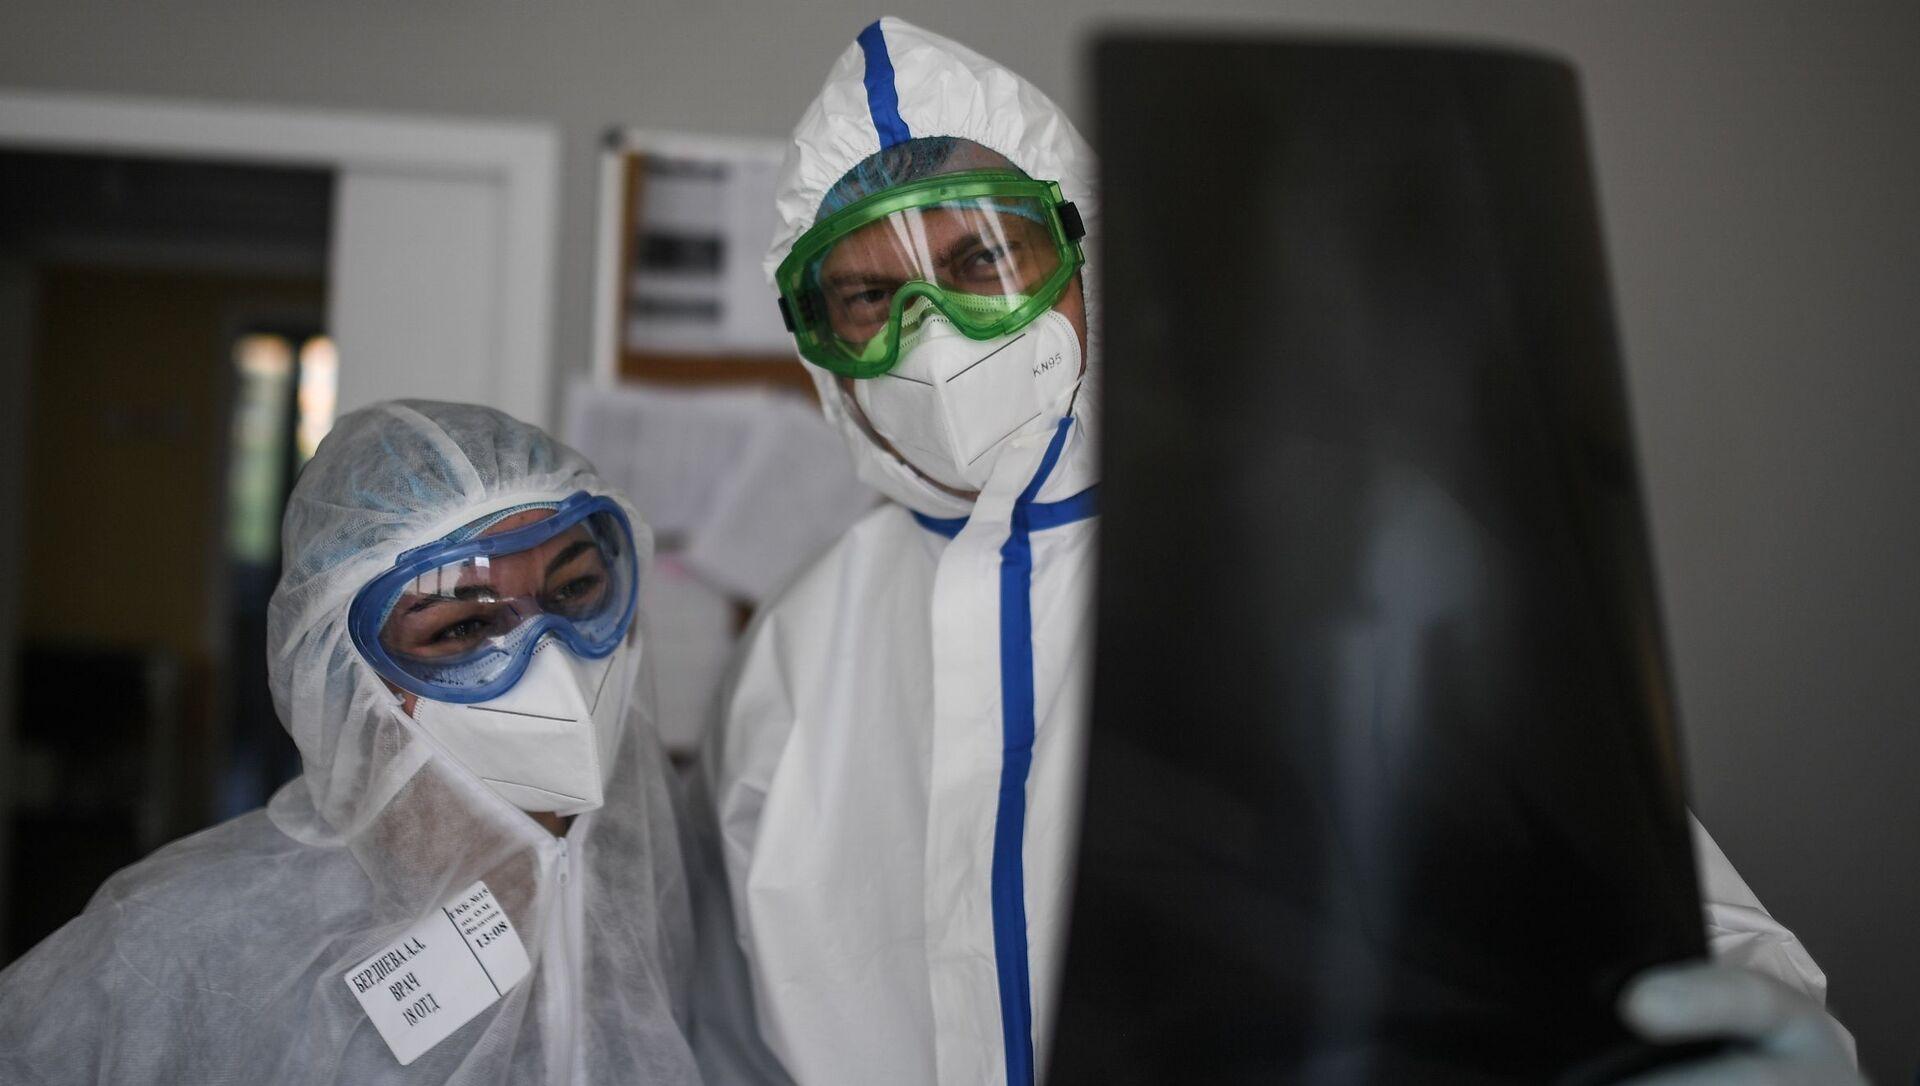 Lékaři zkoumají snímky nemocného koronaviru - Sputnik Česká republika, 1920, 02.04.2021